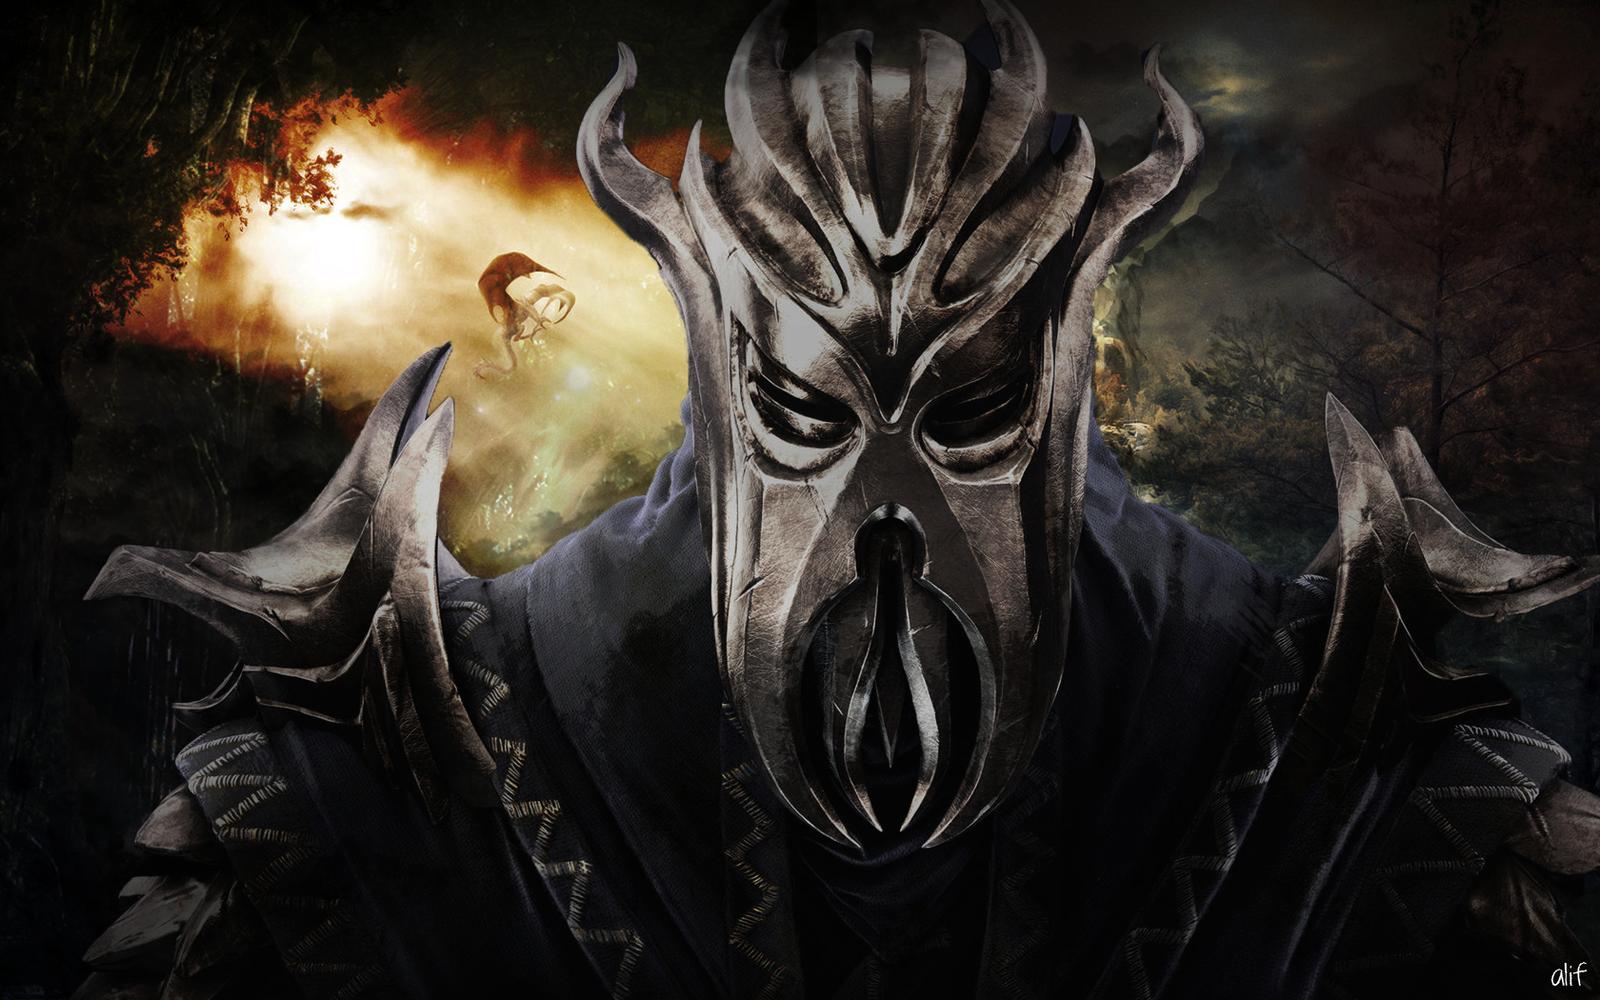 Skyrim Dragonborn Art by alif32